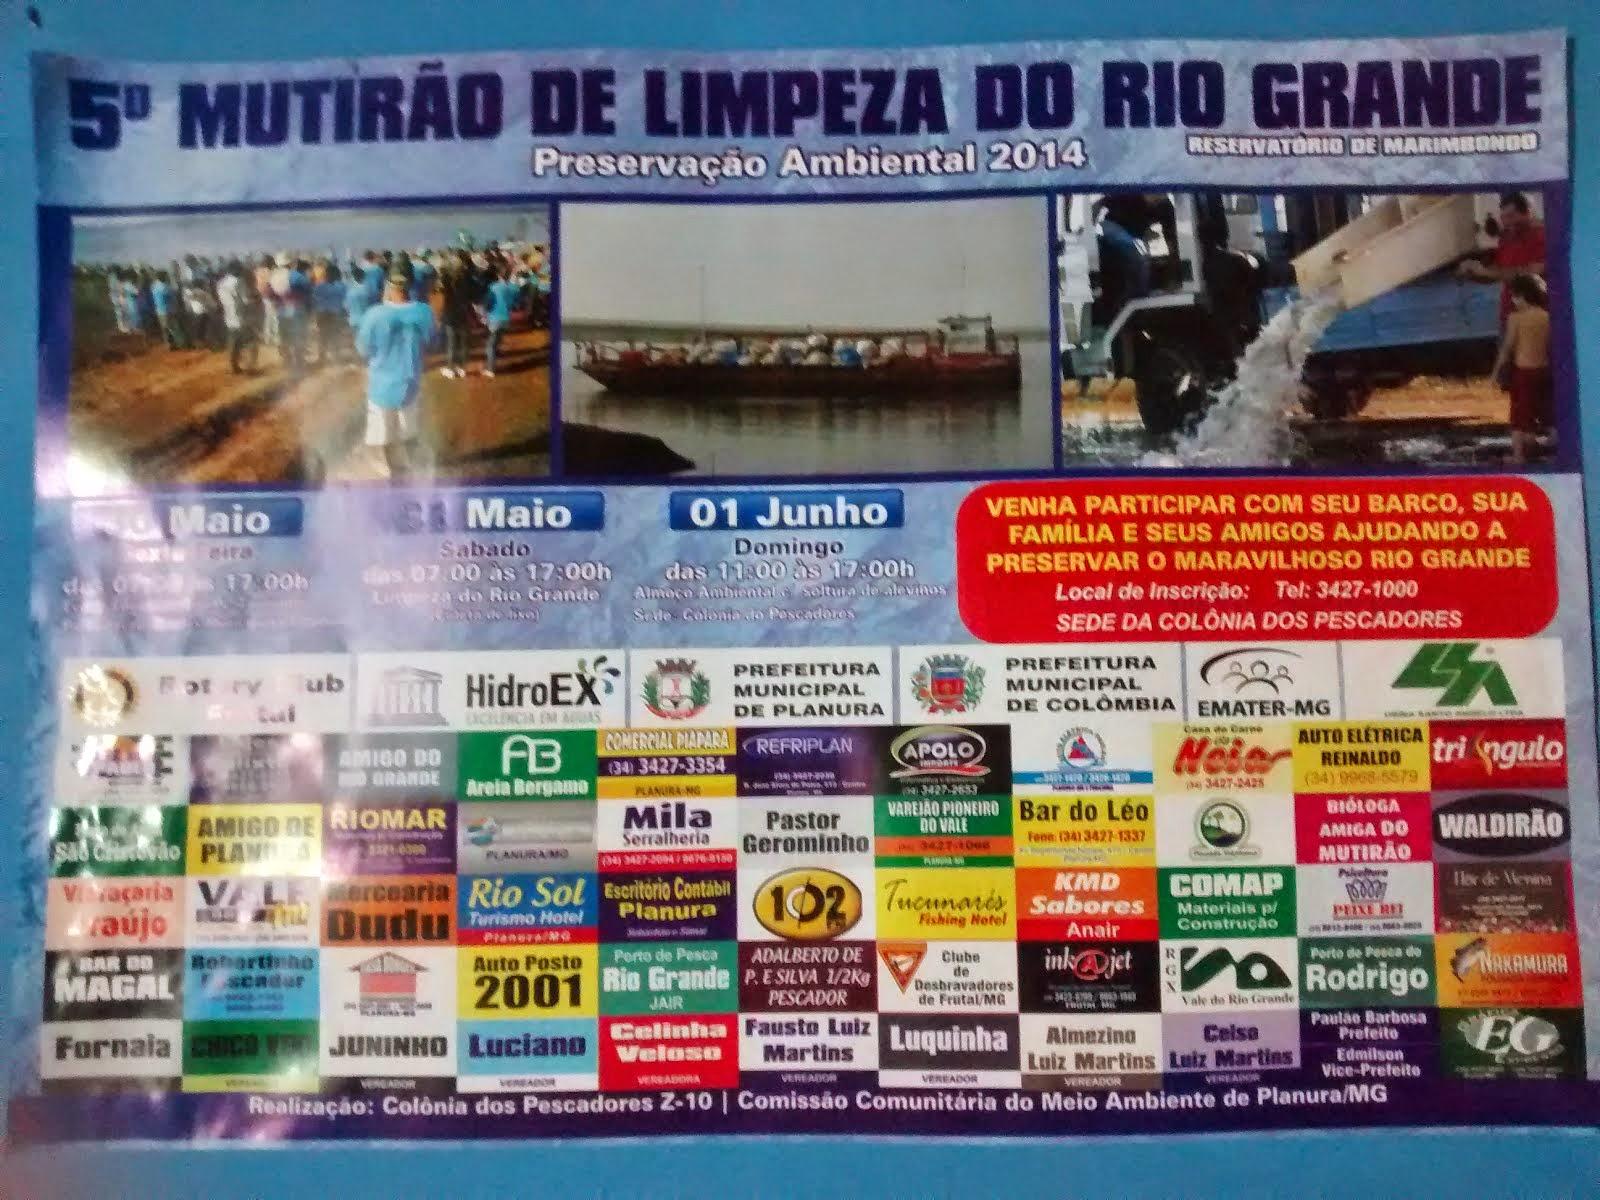 Limpeza do Rio Grande 2014